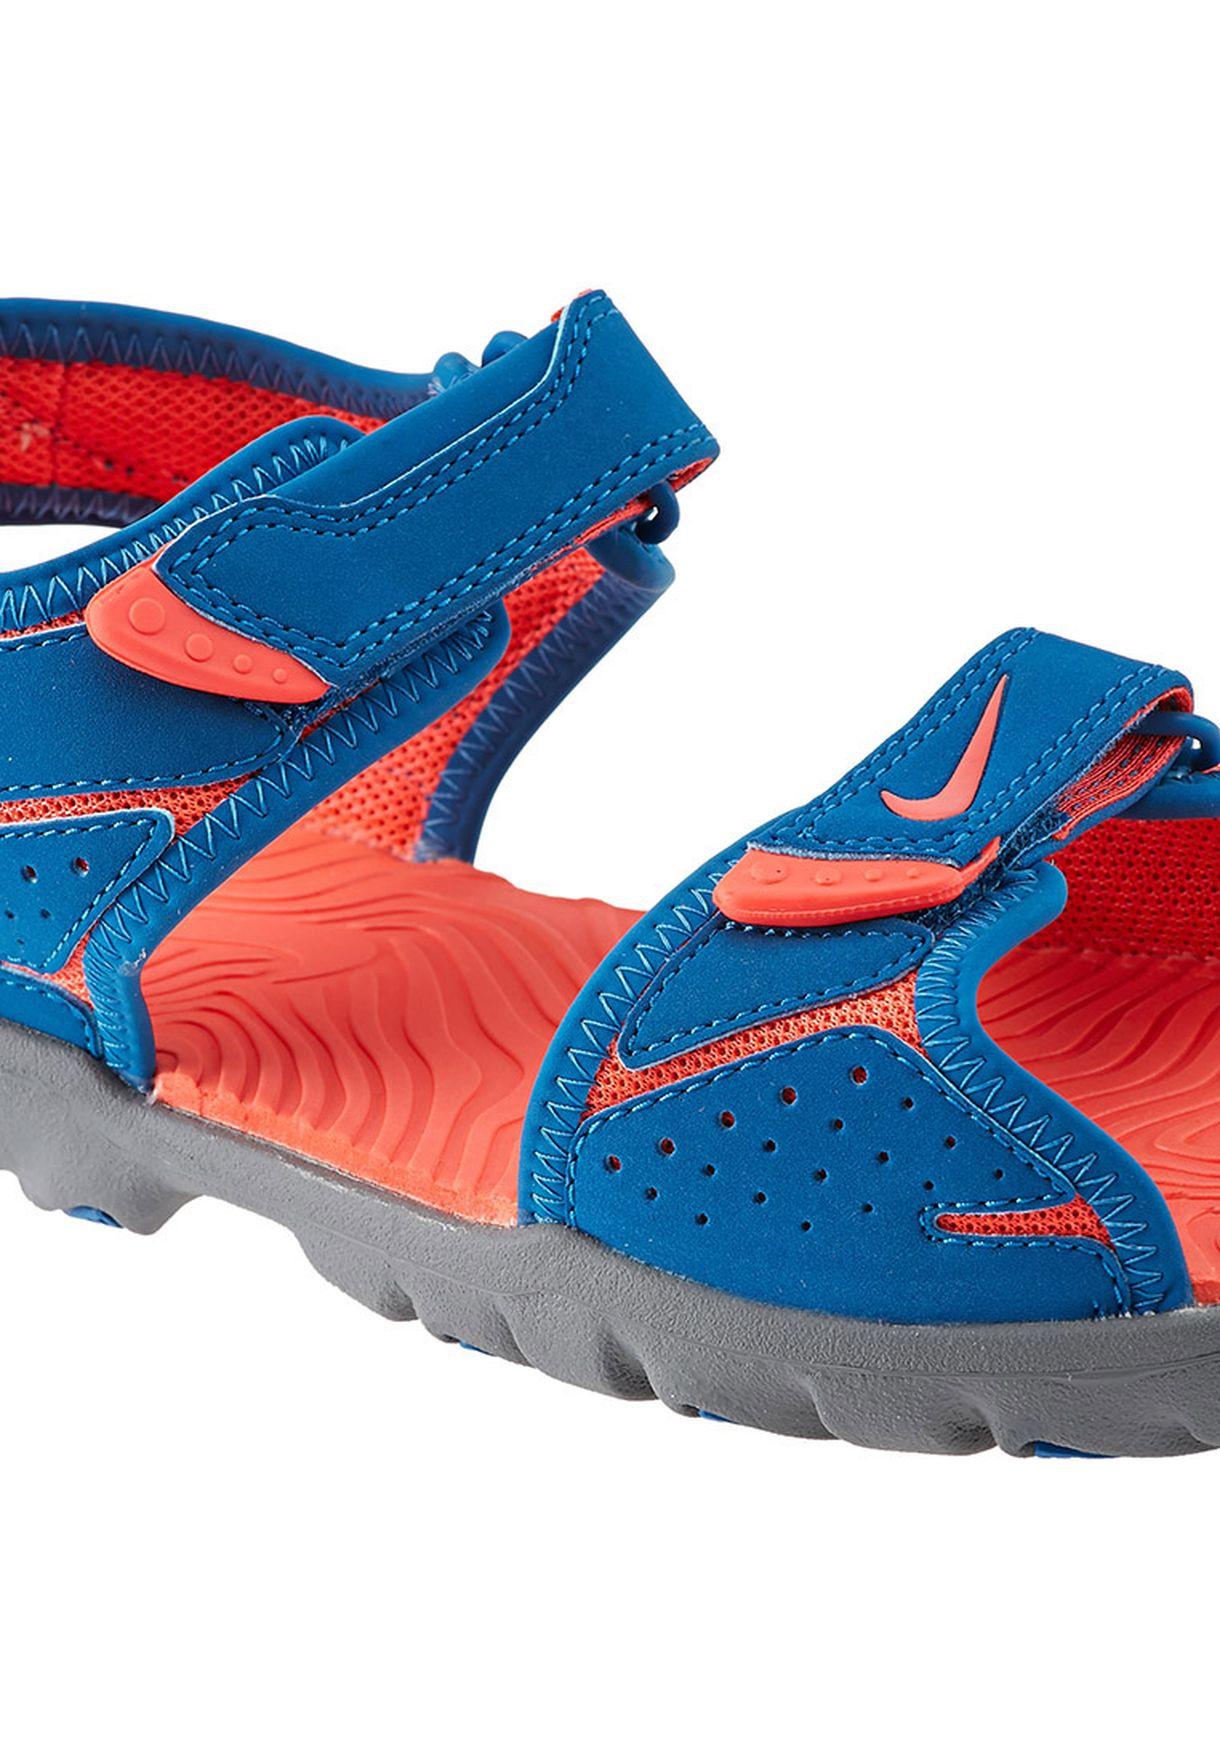 4907e7fb7a89 Shop Nike blue Santiam 5 Sandals 344631-401 for Kids in Saudi ...